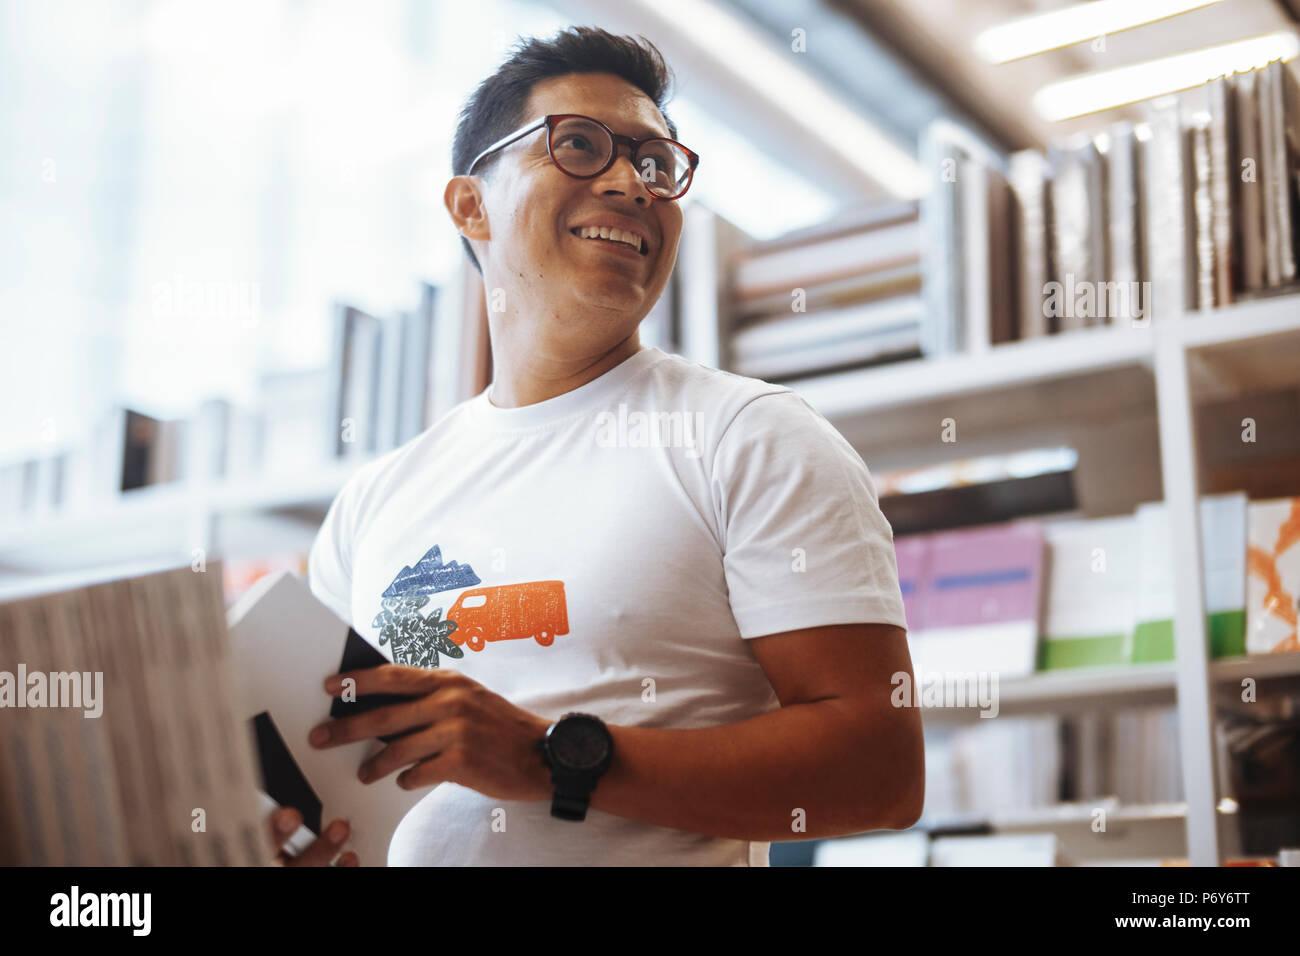 Joven hombre feliz lectura y mirar a un lado en un brillante libro moderno almacén. Imagen De Stock